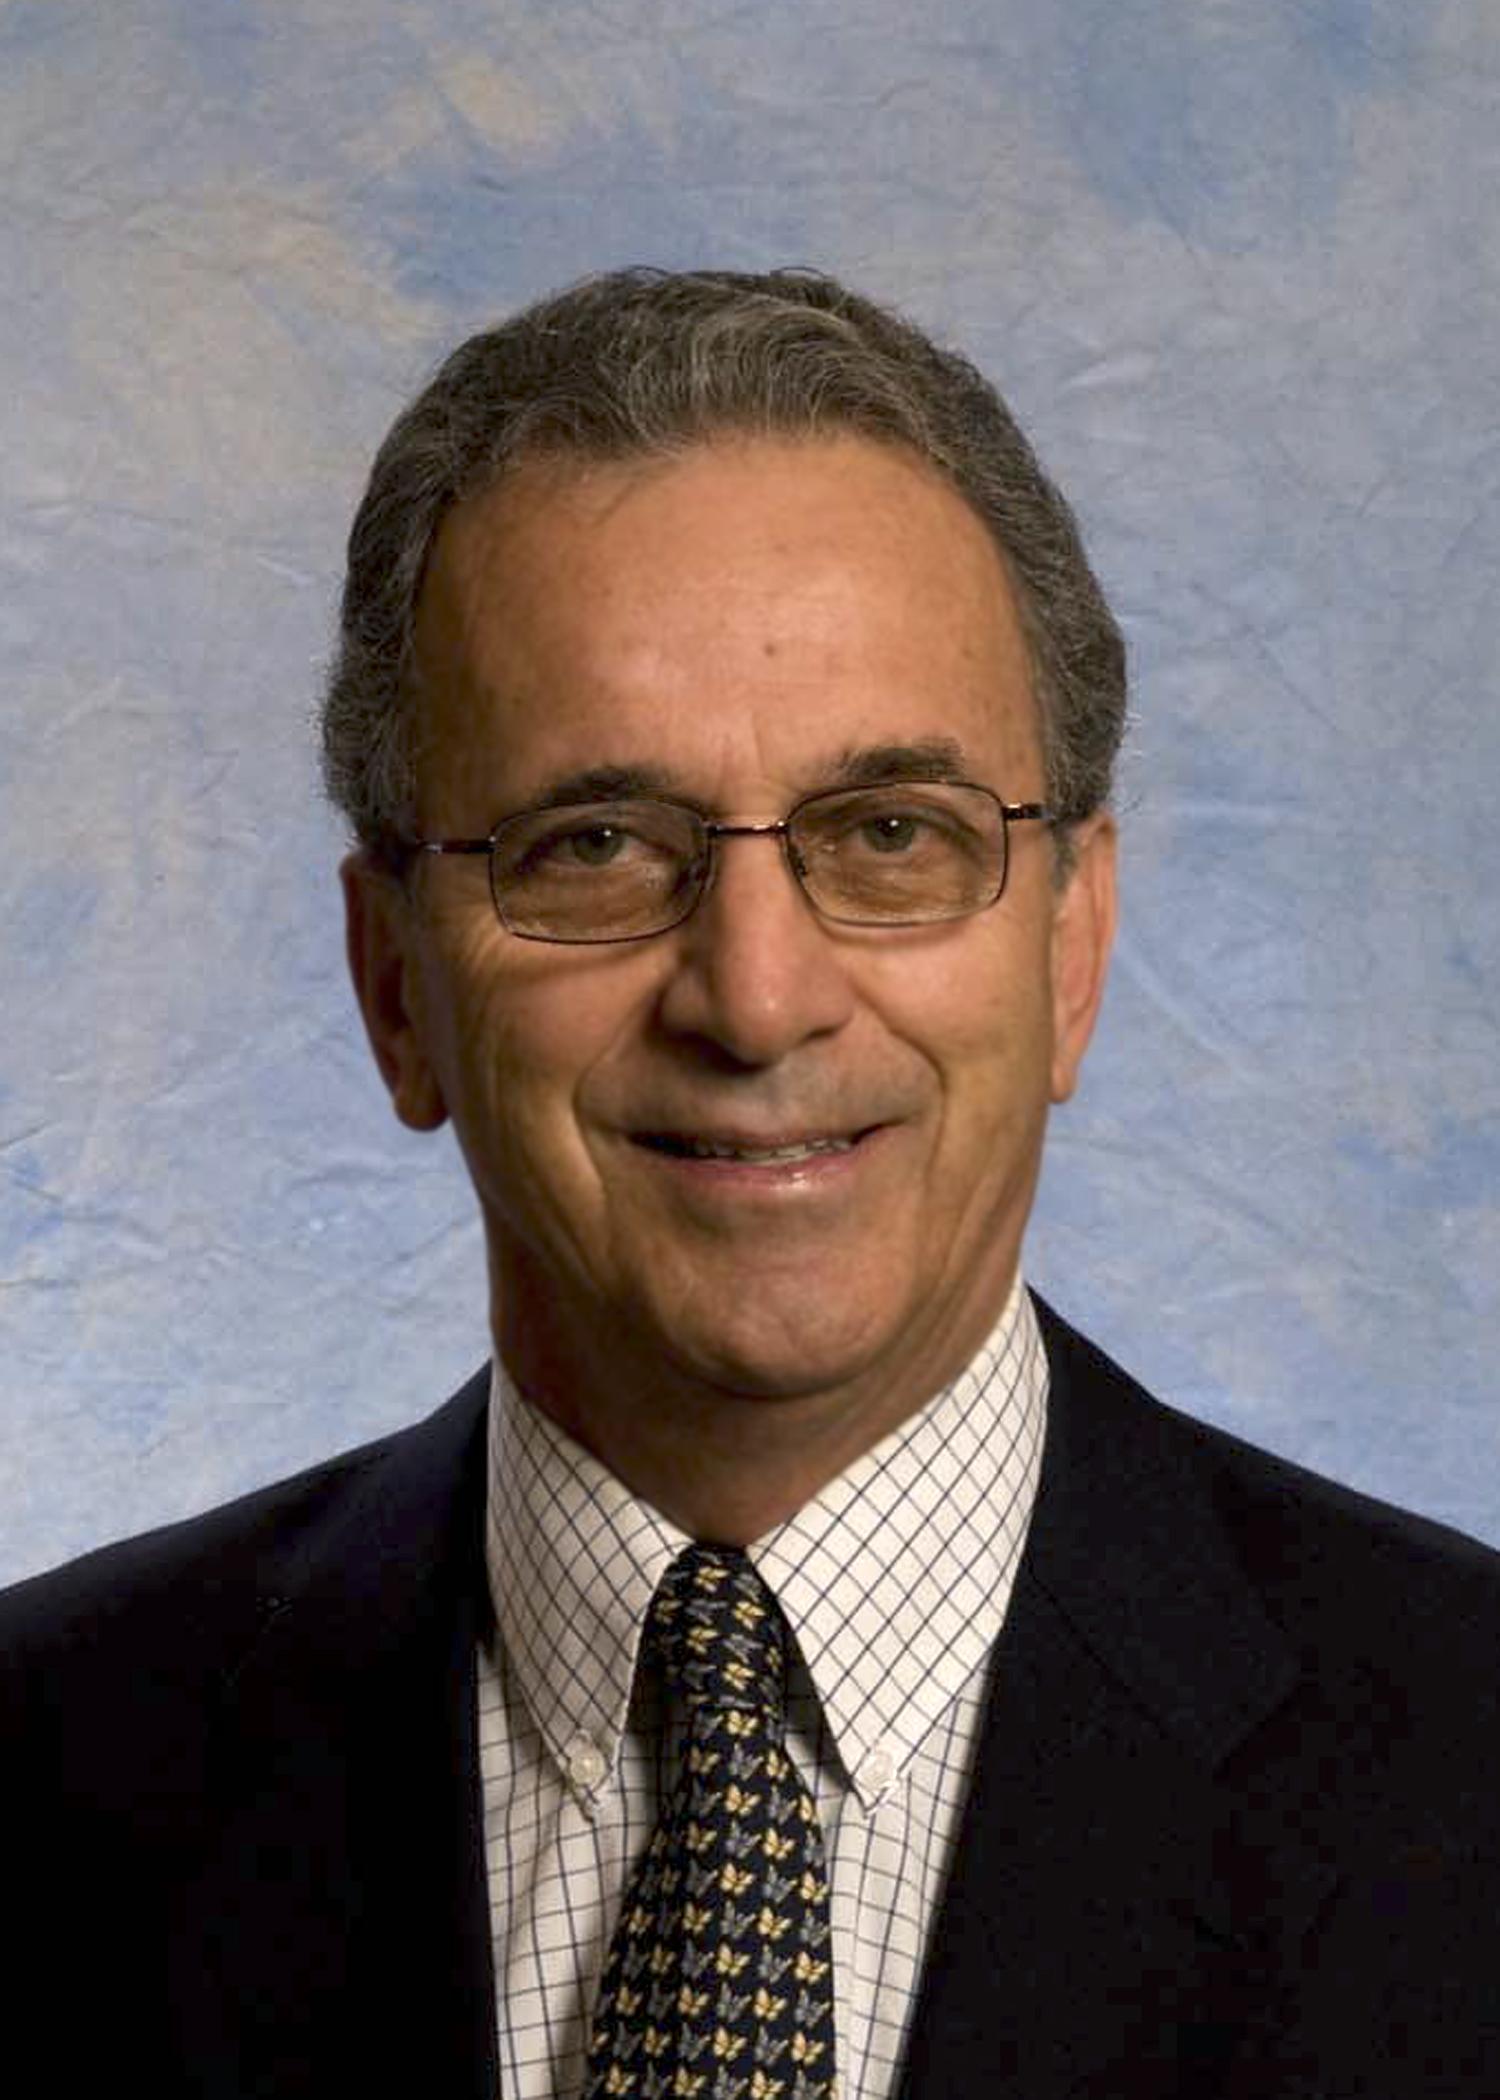 Paul Merlesena